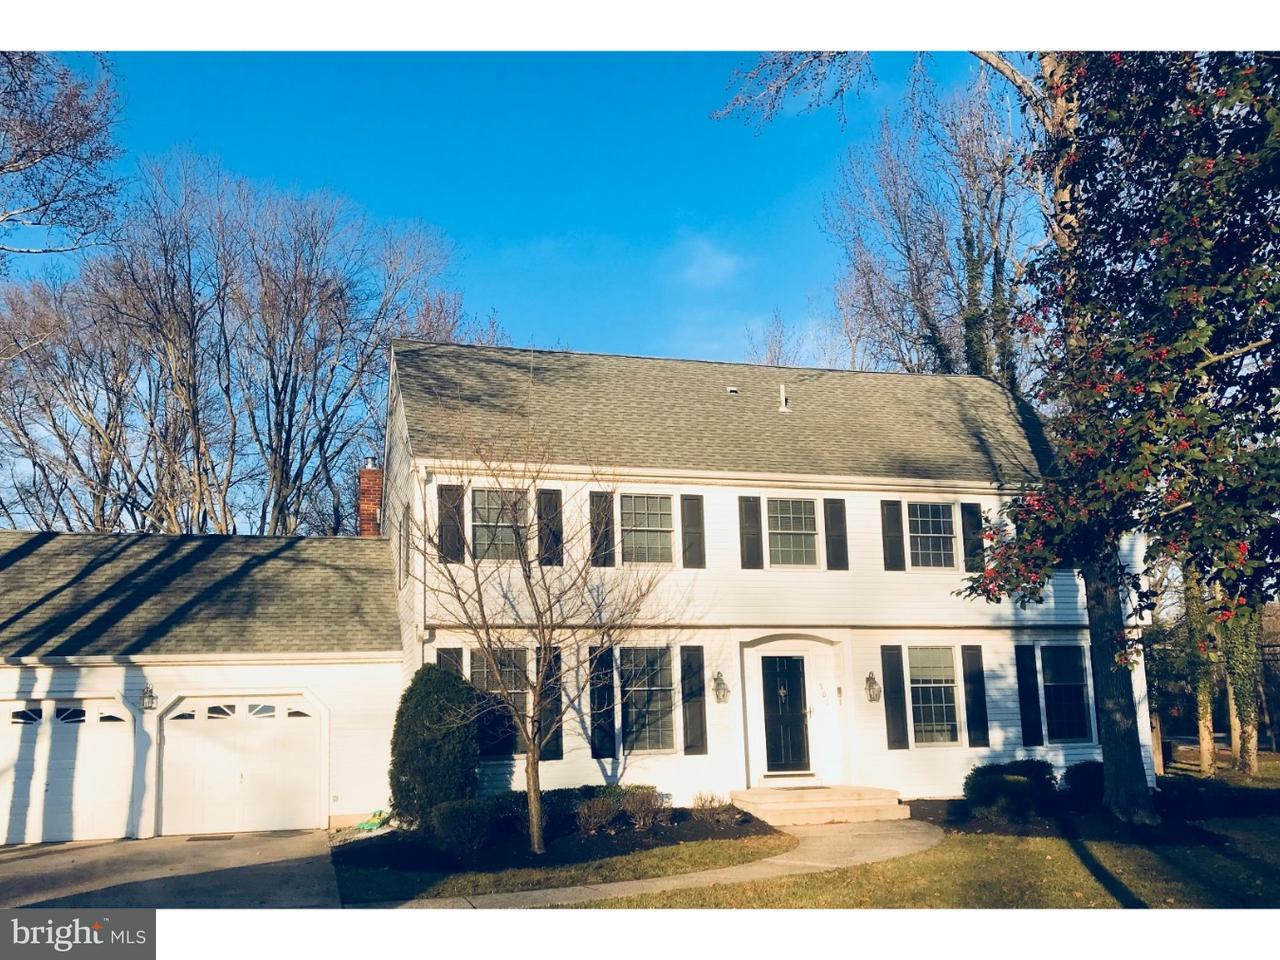 独户住宅 为 销售 在 301 TAVISTOCK Drive Medford Township, 新泽西州 08055 美国